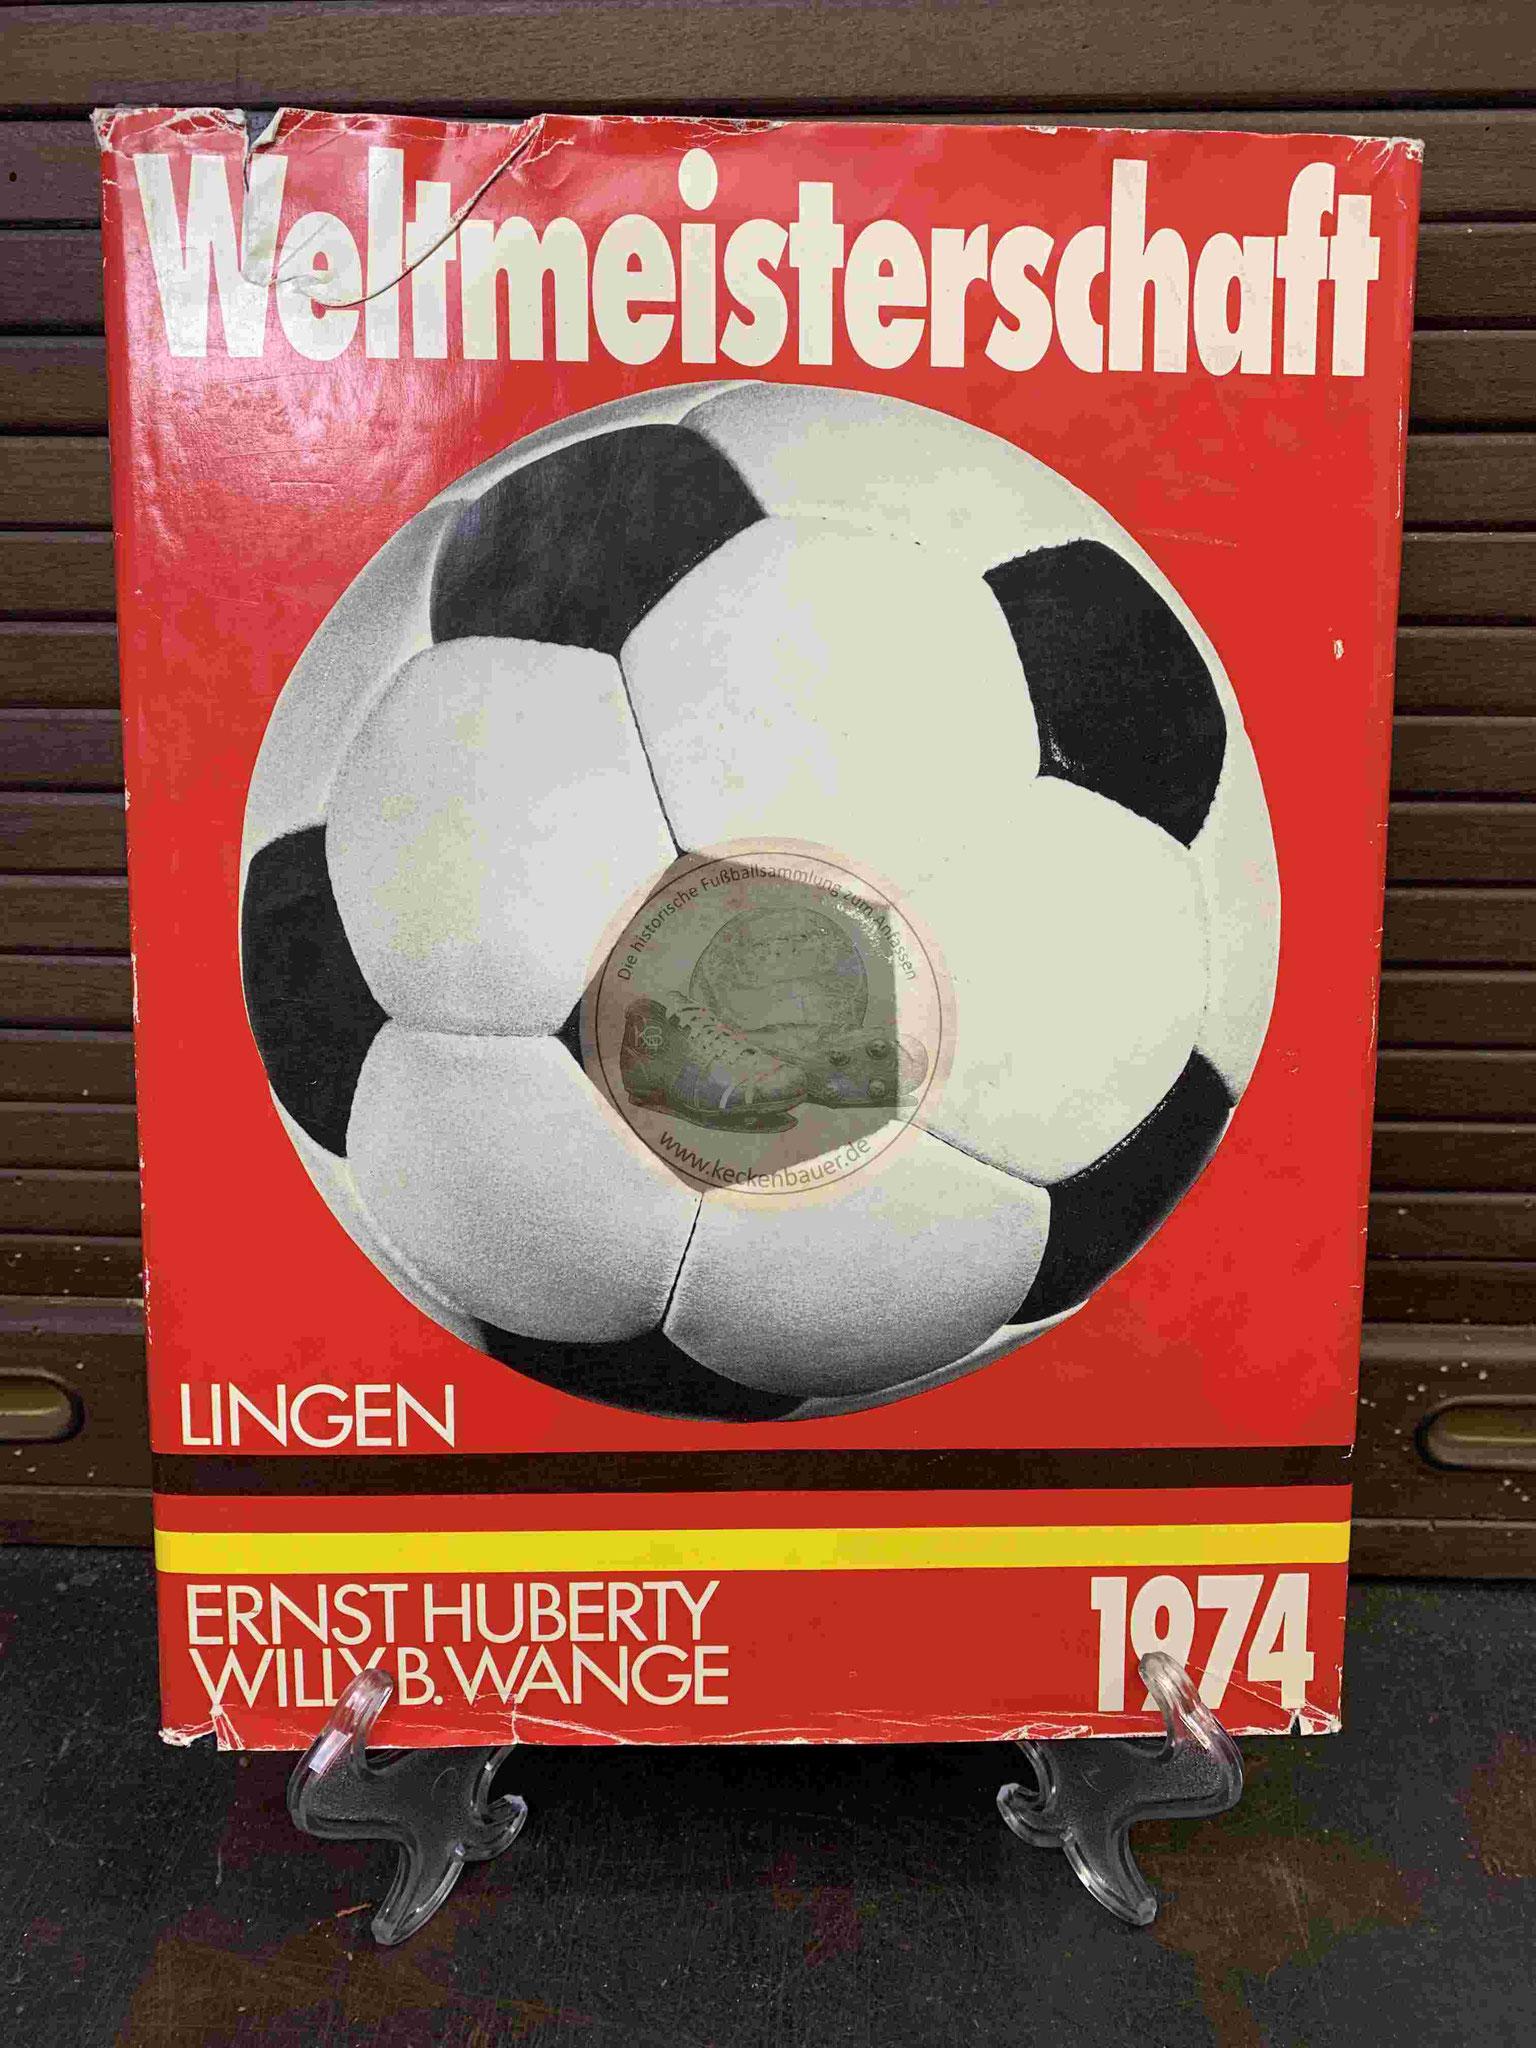 Weltmeisterschaft 1974 von Ernst Huberty und Willy B. Wange im Lingen Verlag